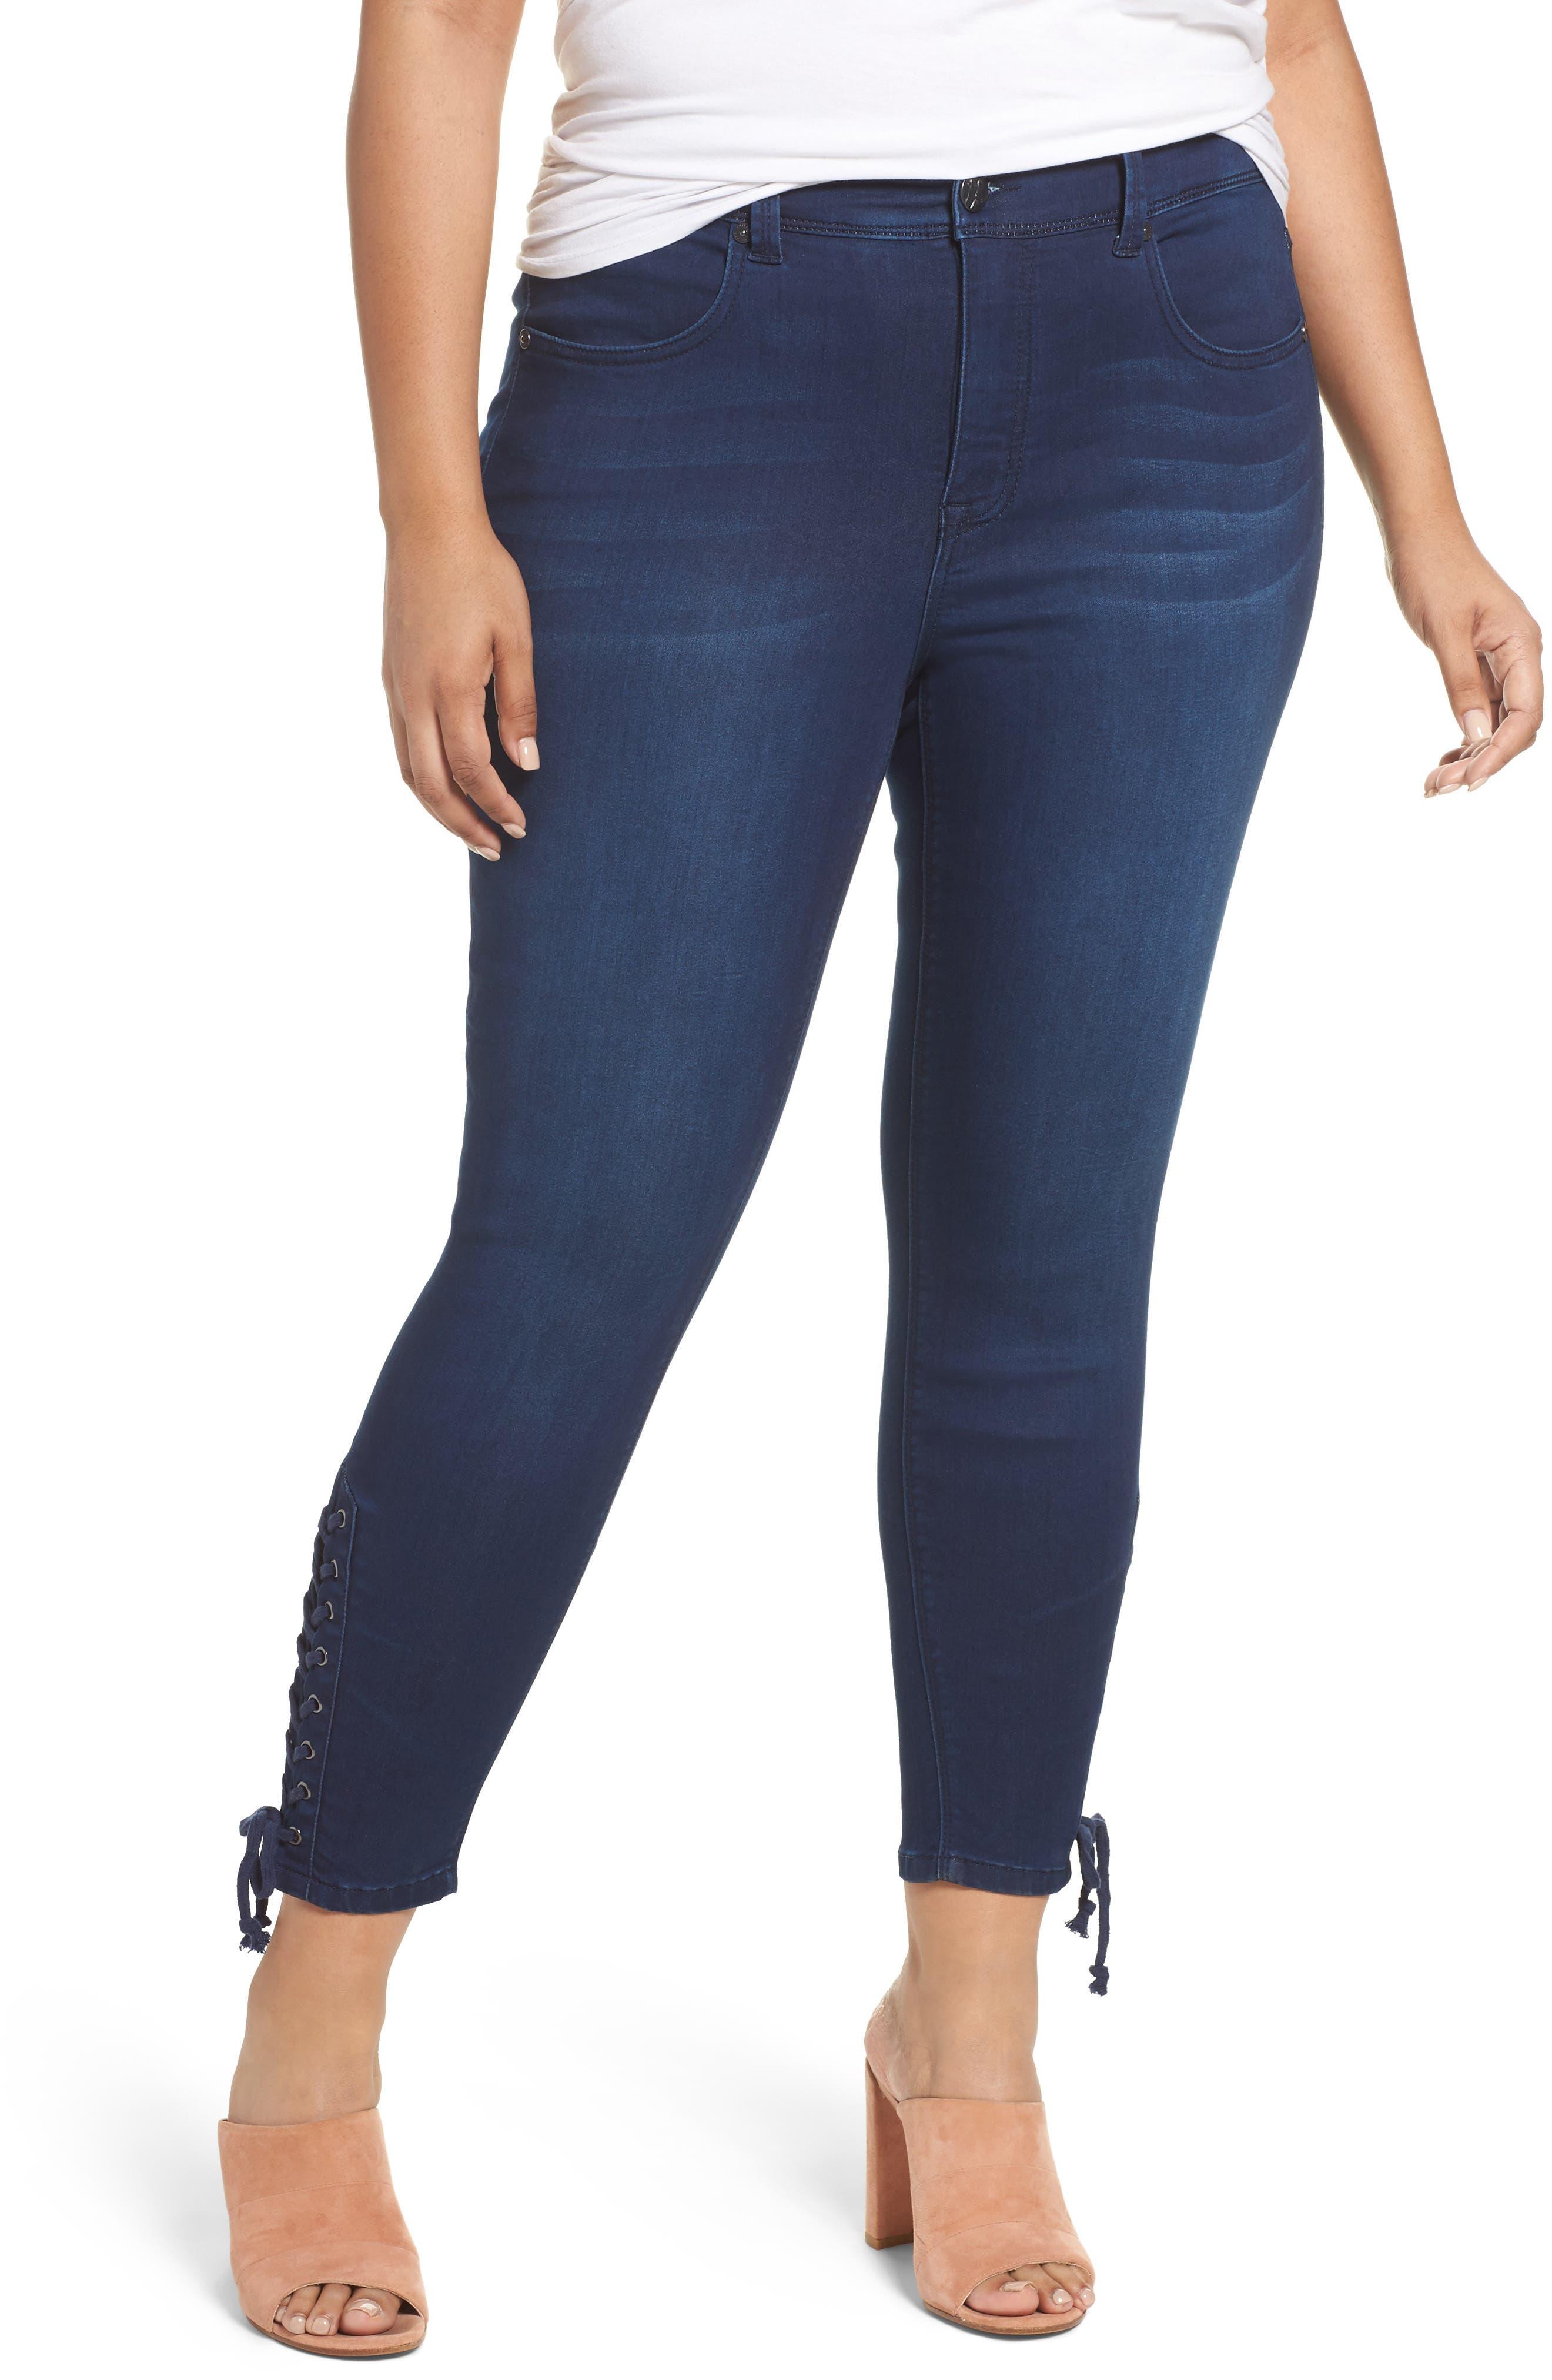 MELISSA MCCARTHY SEVEN7 Lace-Up Pencil Leg Jeans, Main, color, 405